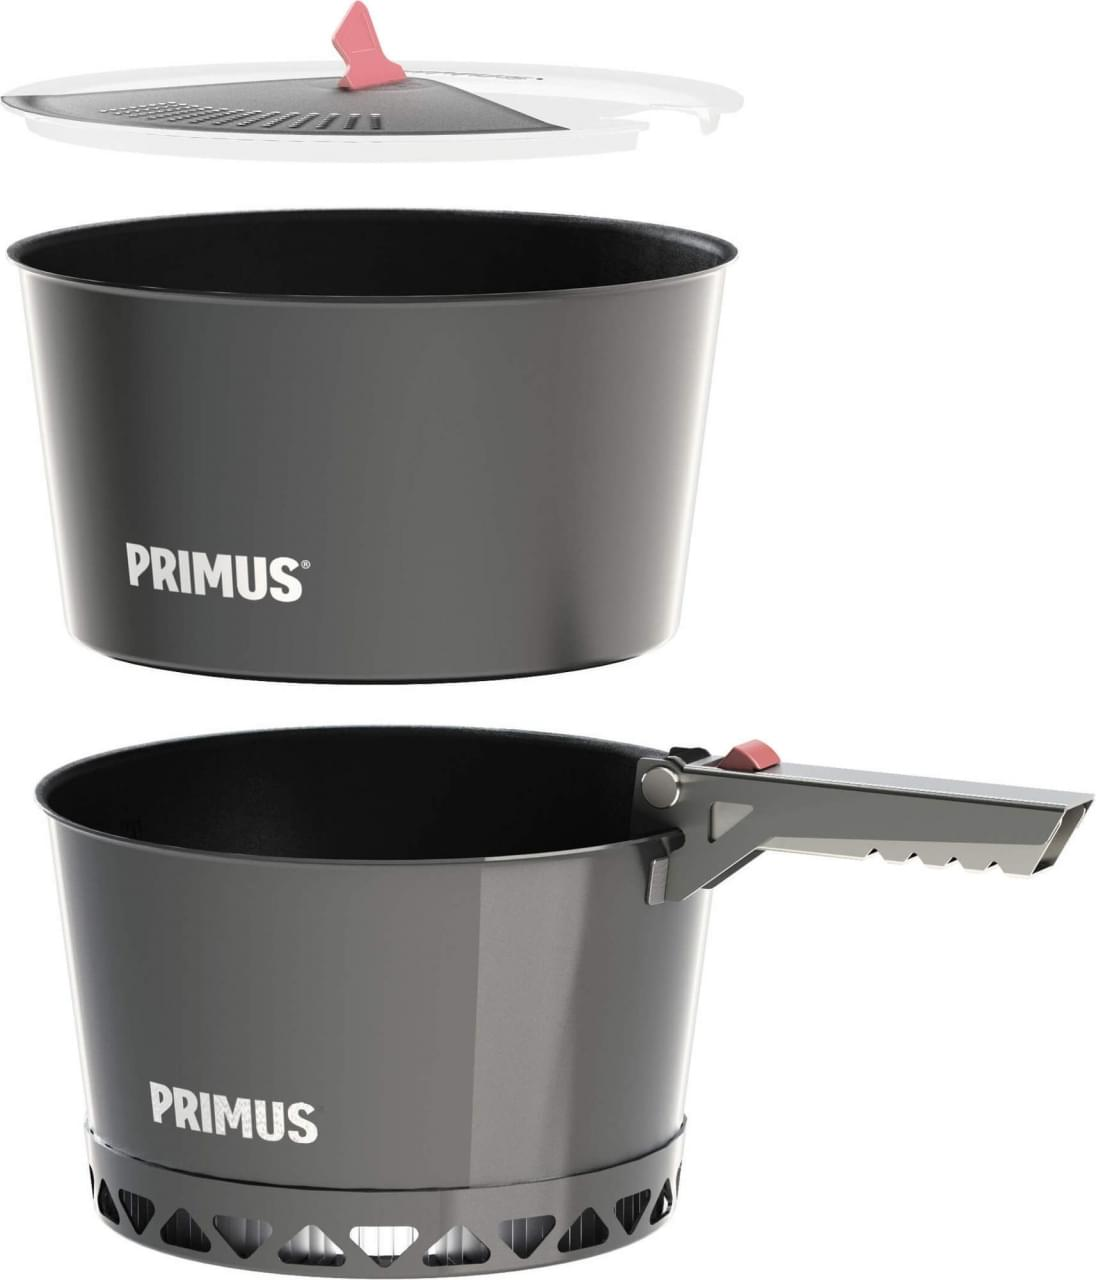 Primus PrimeTech Pot Set 2.3L Pannenset